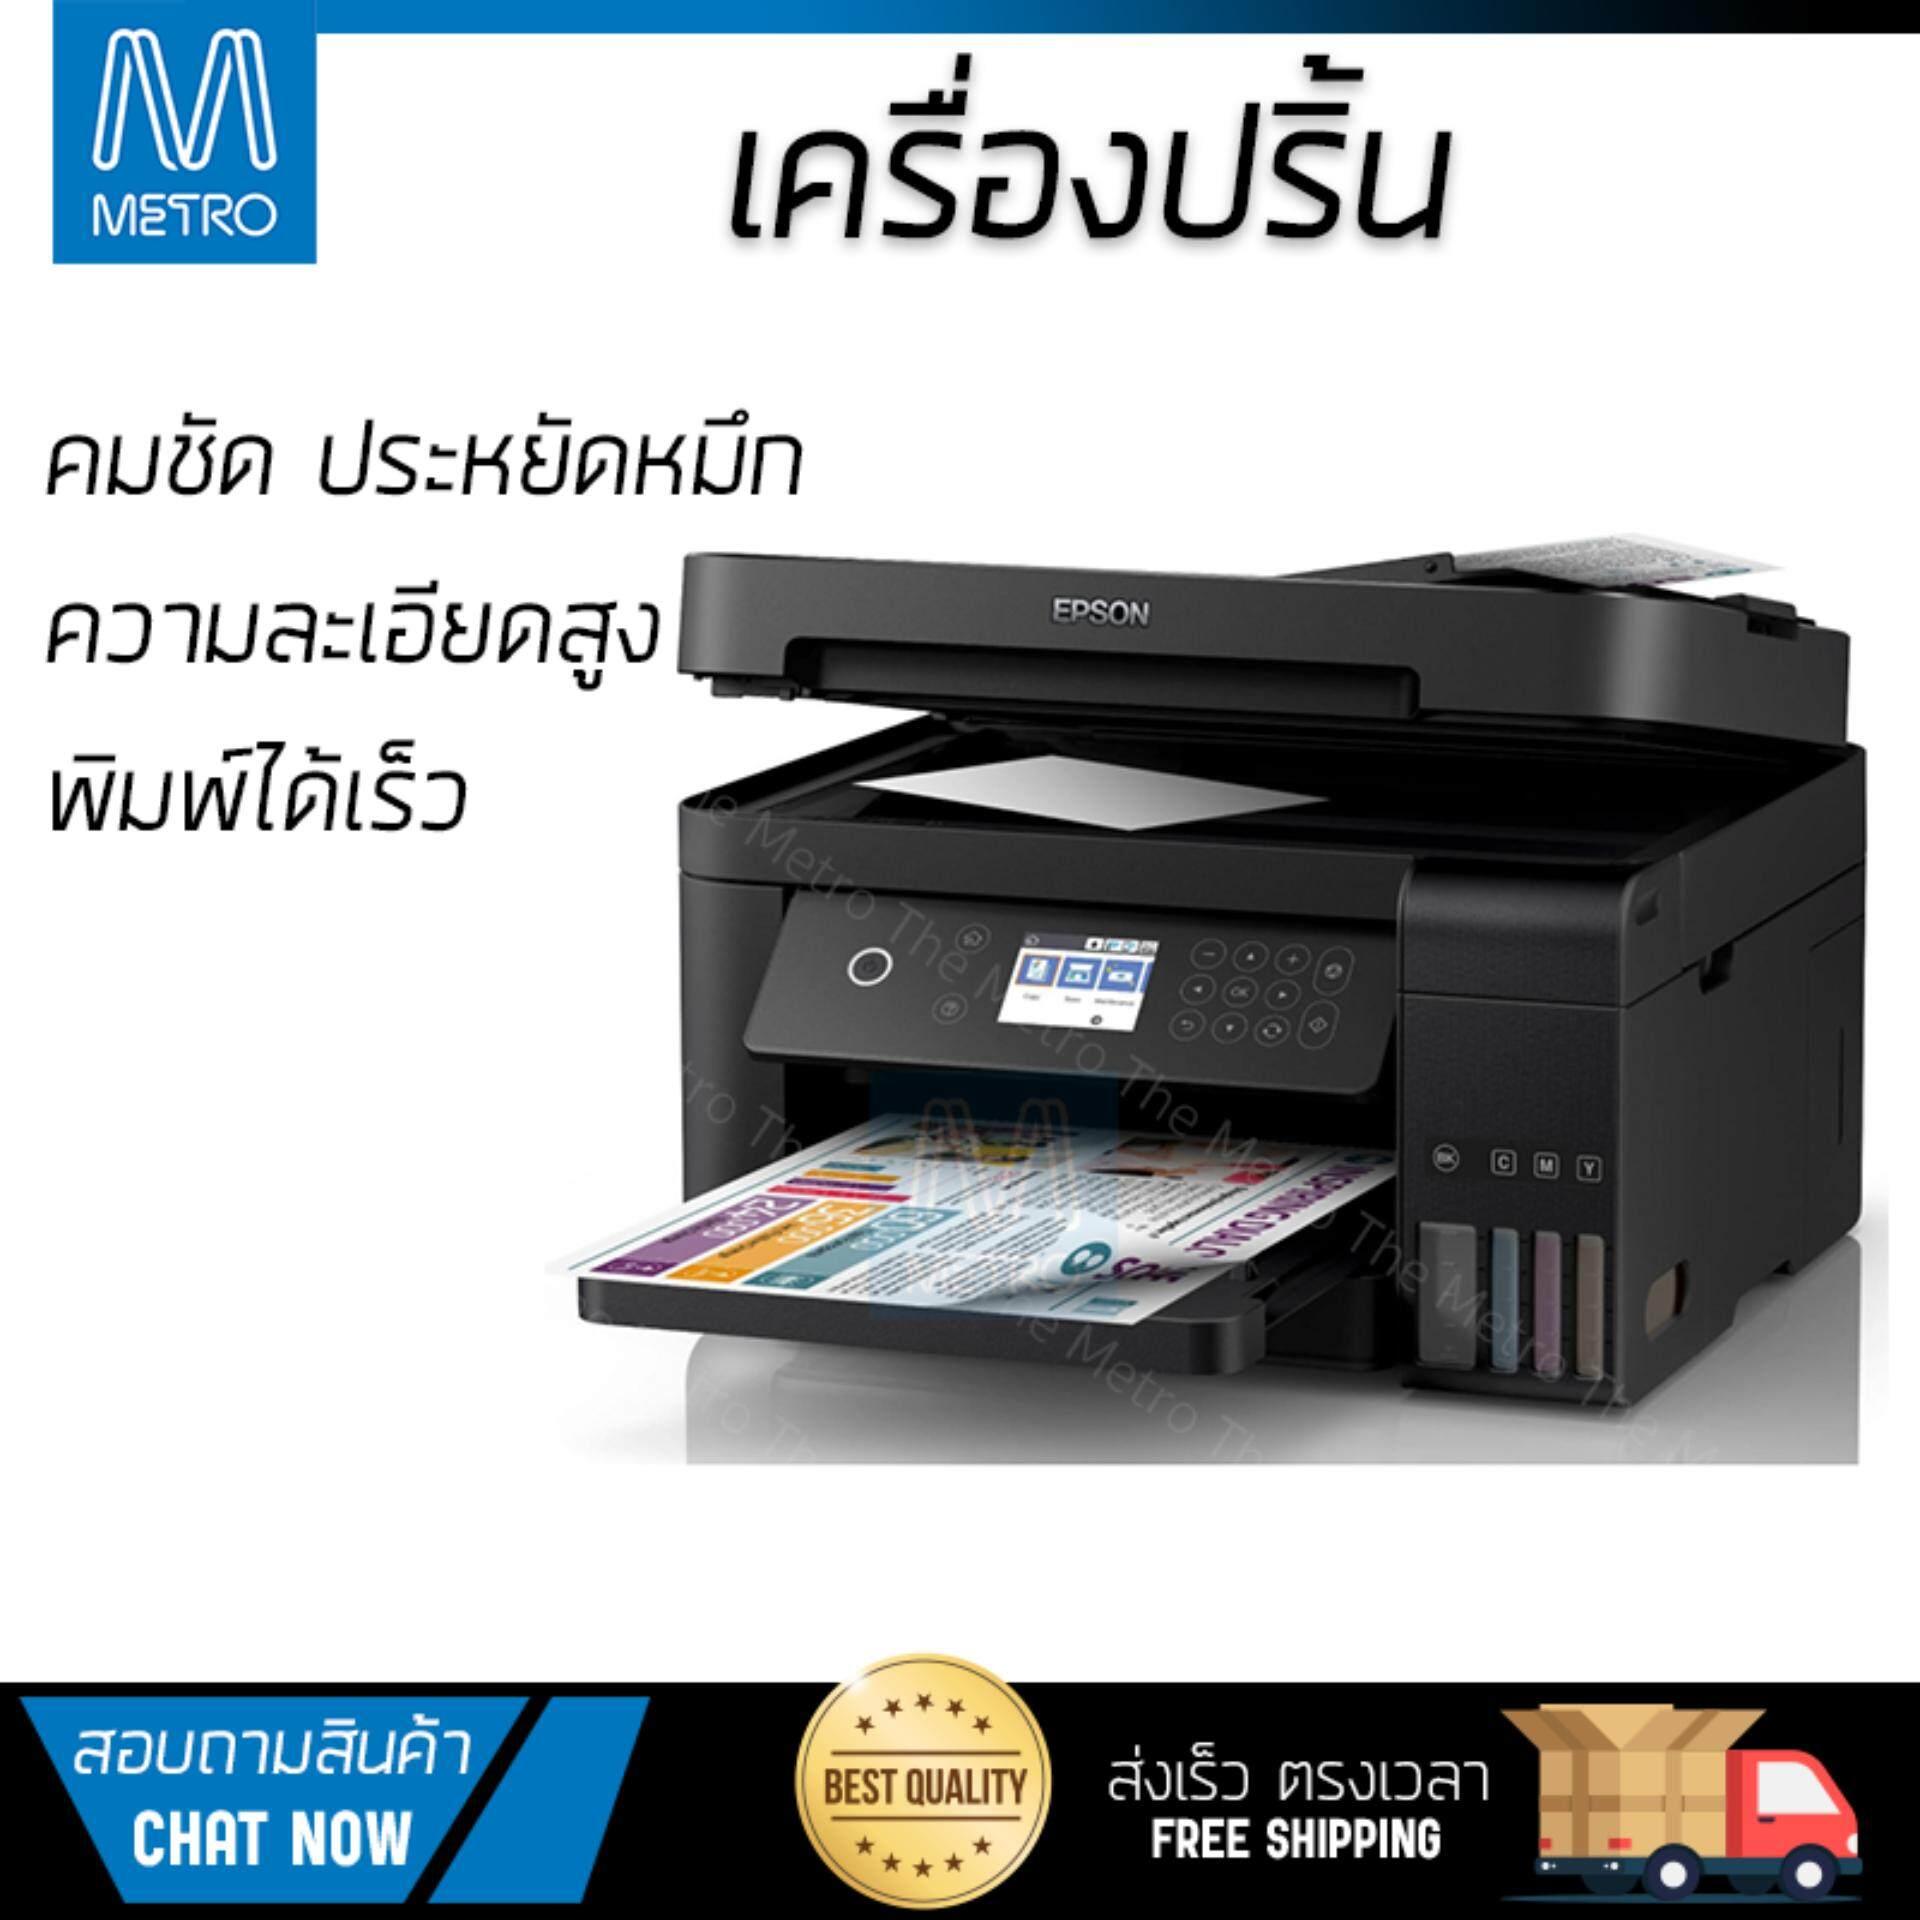 สุดยอดสินค้า!! โปรโมชัน เครื่องพิมพ์           EPSON มัลติฟังก์ชั่นปริ้นเตอร์ รุ่น L6170             ความละเอียดสูง คมชัด ประหยัดหมึก เครื่องปริ้น เครื่องปริ้นท์ All in one Printer รับประกันสินค้า 1 ป